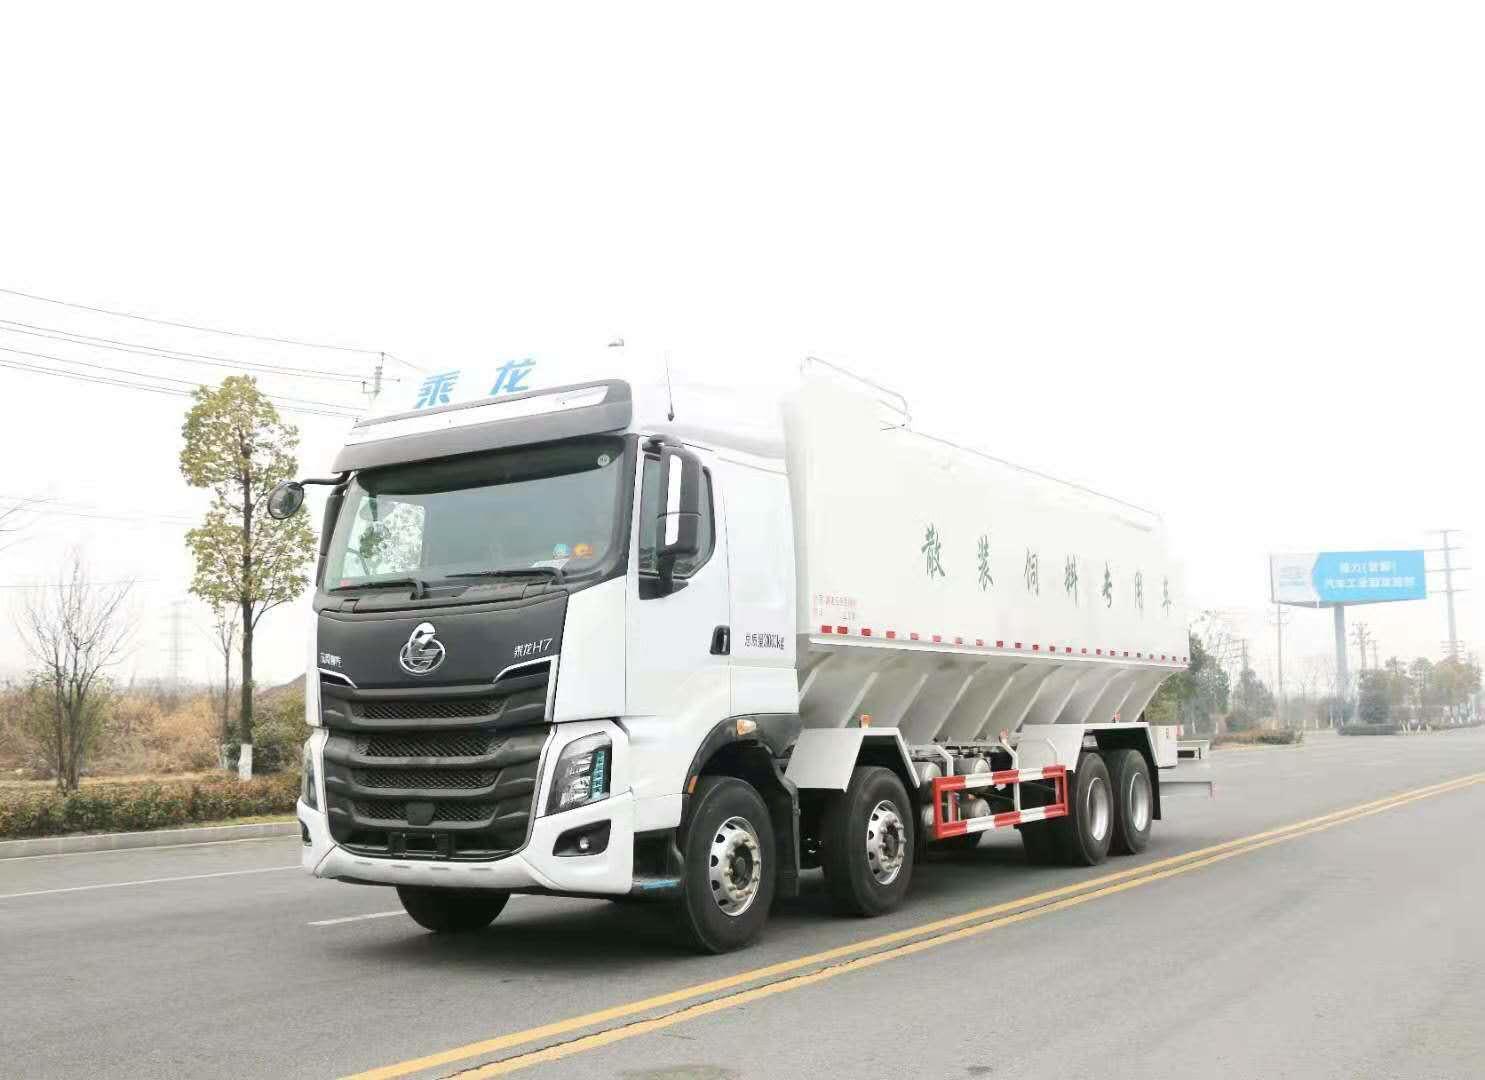 國六柳汽前四后八20噸21噸22噸拉飼料車很低價格,廠長筆記97